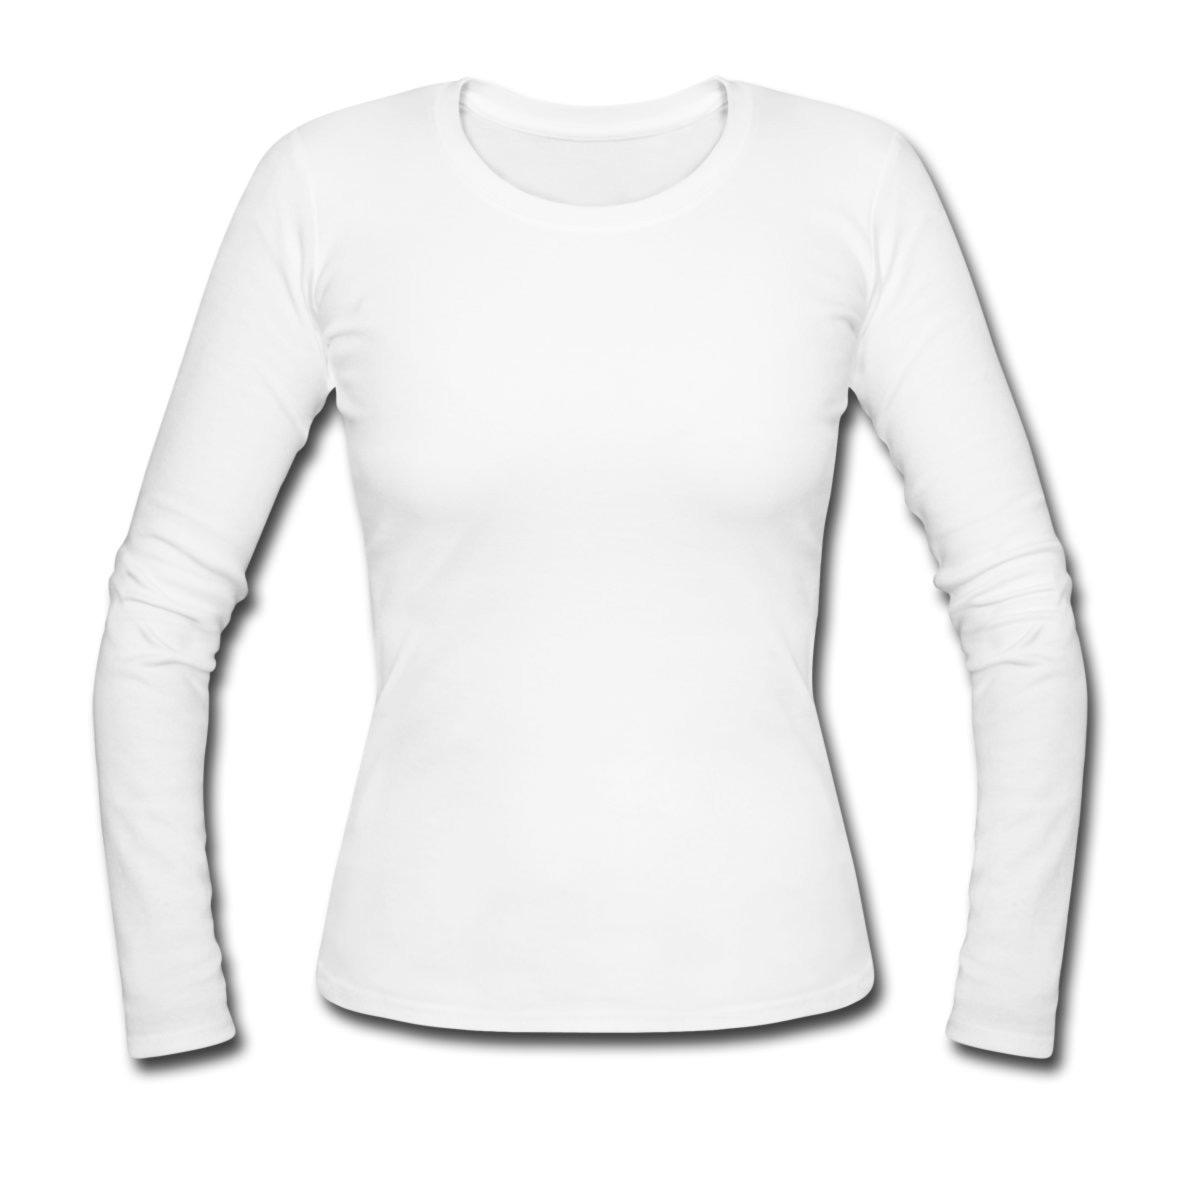 Jetzt hochwertige Mode von OPUS & someday online kaufen! Auf Rechnung Versand (ab 50€) & Retoure kostenfrei. Einzigartige Langarmshirts bei OPUS & someday Fashion!